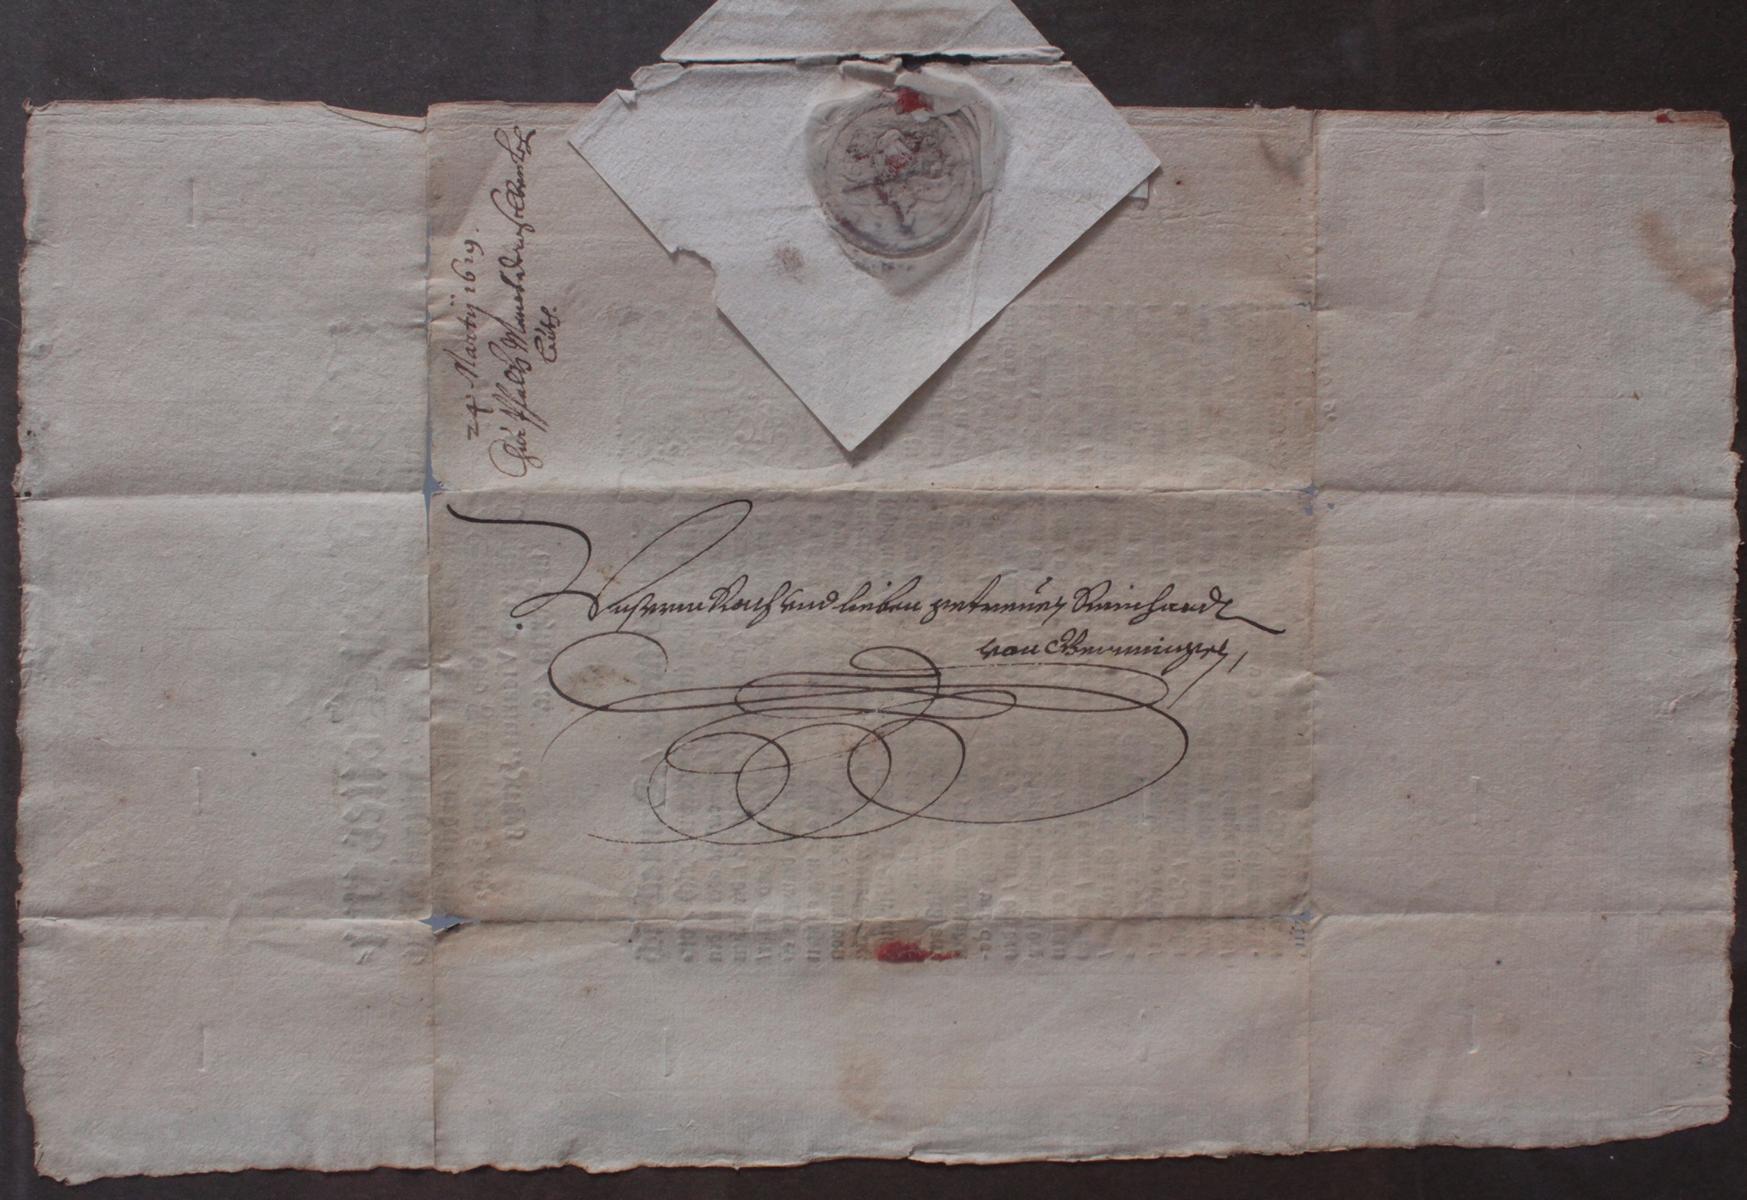 Samlung Altbriefe, Vorphilatelie, Meisterbrief und Dokumente-8